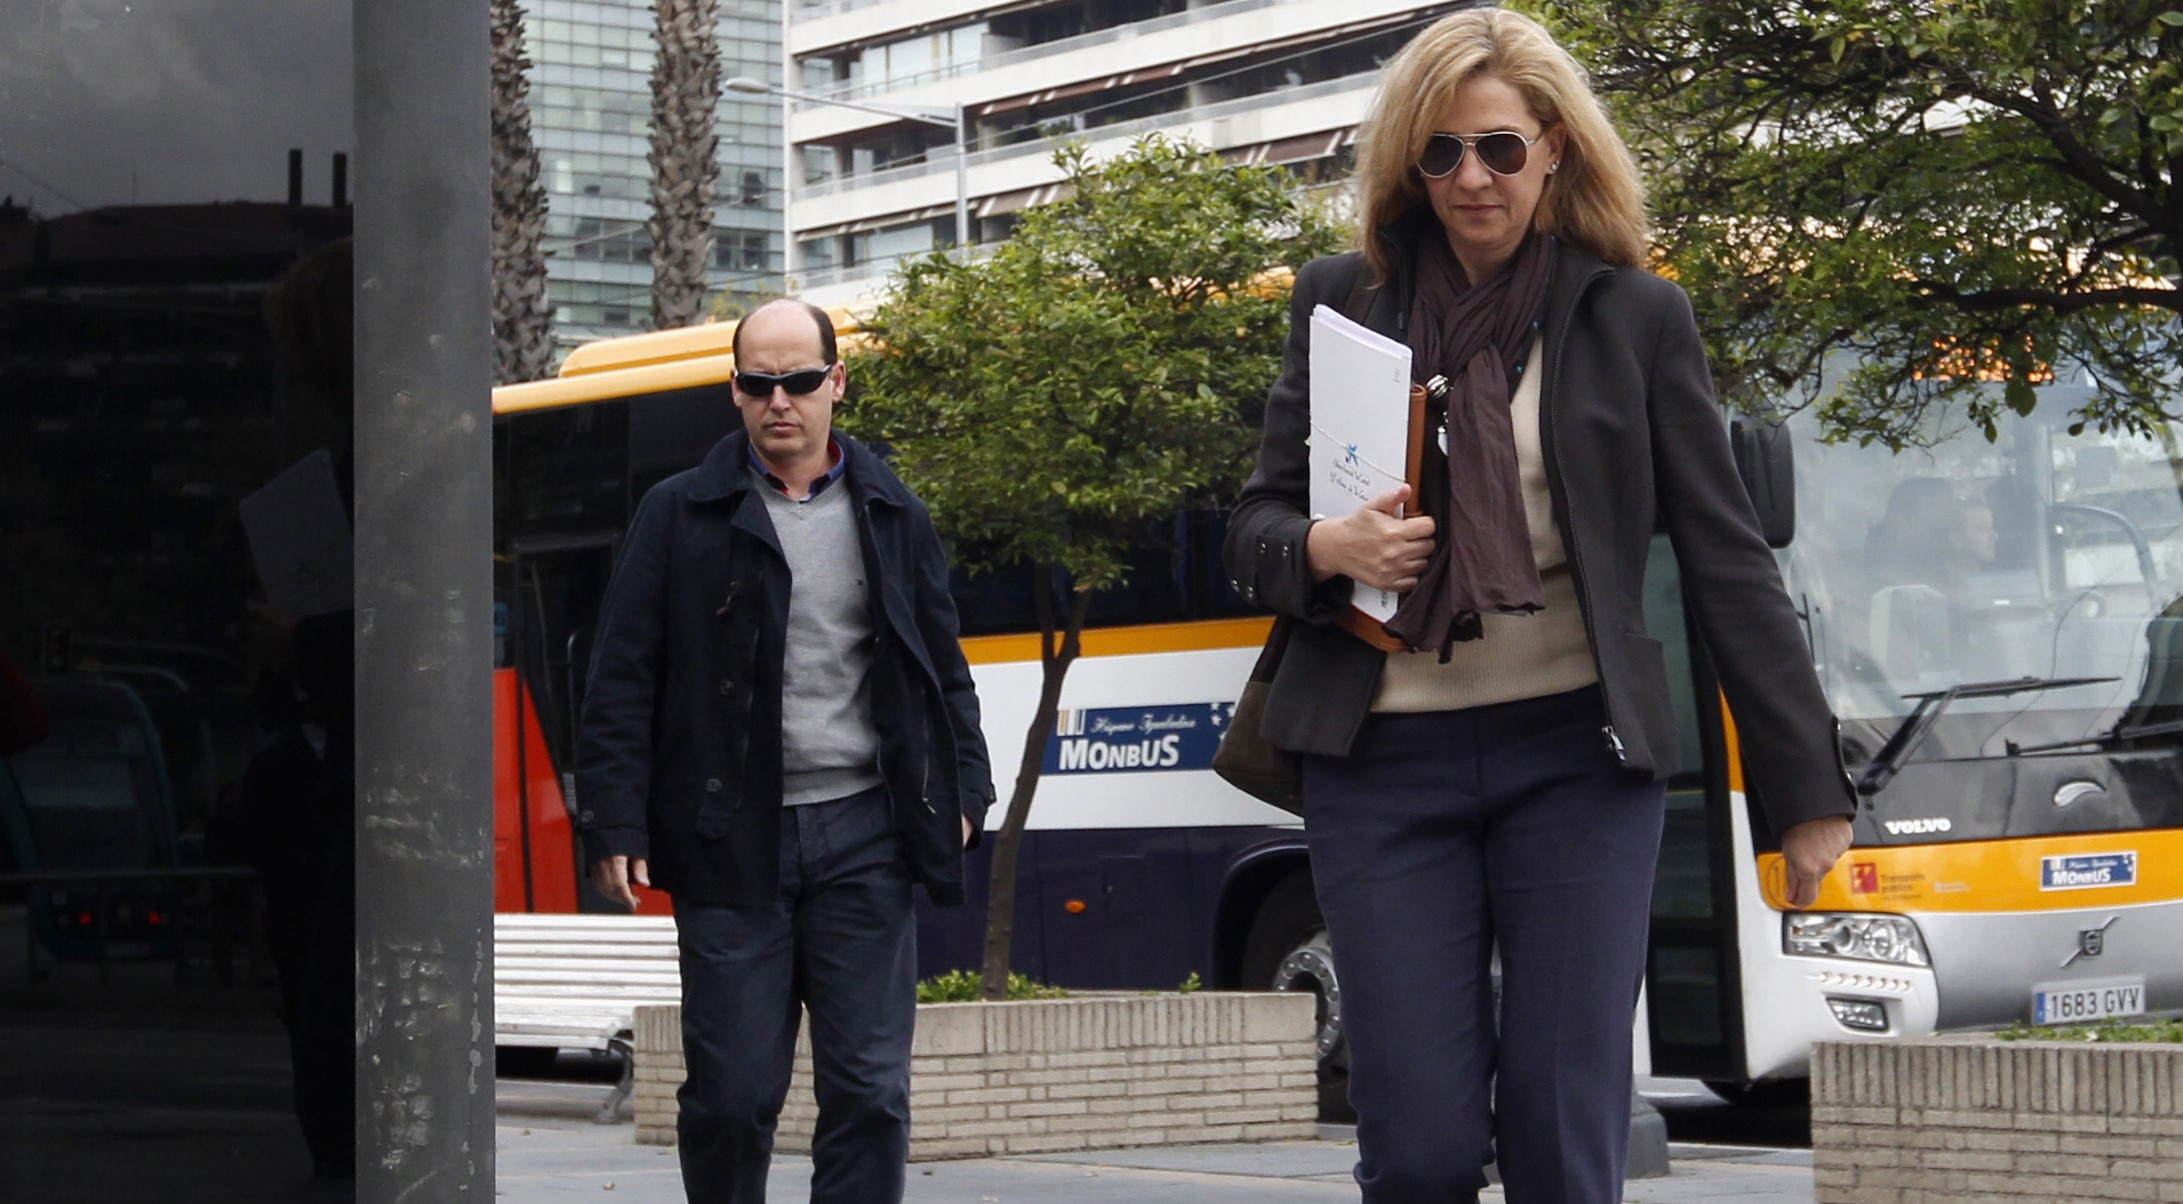 La Infanta Cristina de Borbón. FOTO: Reuters